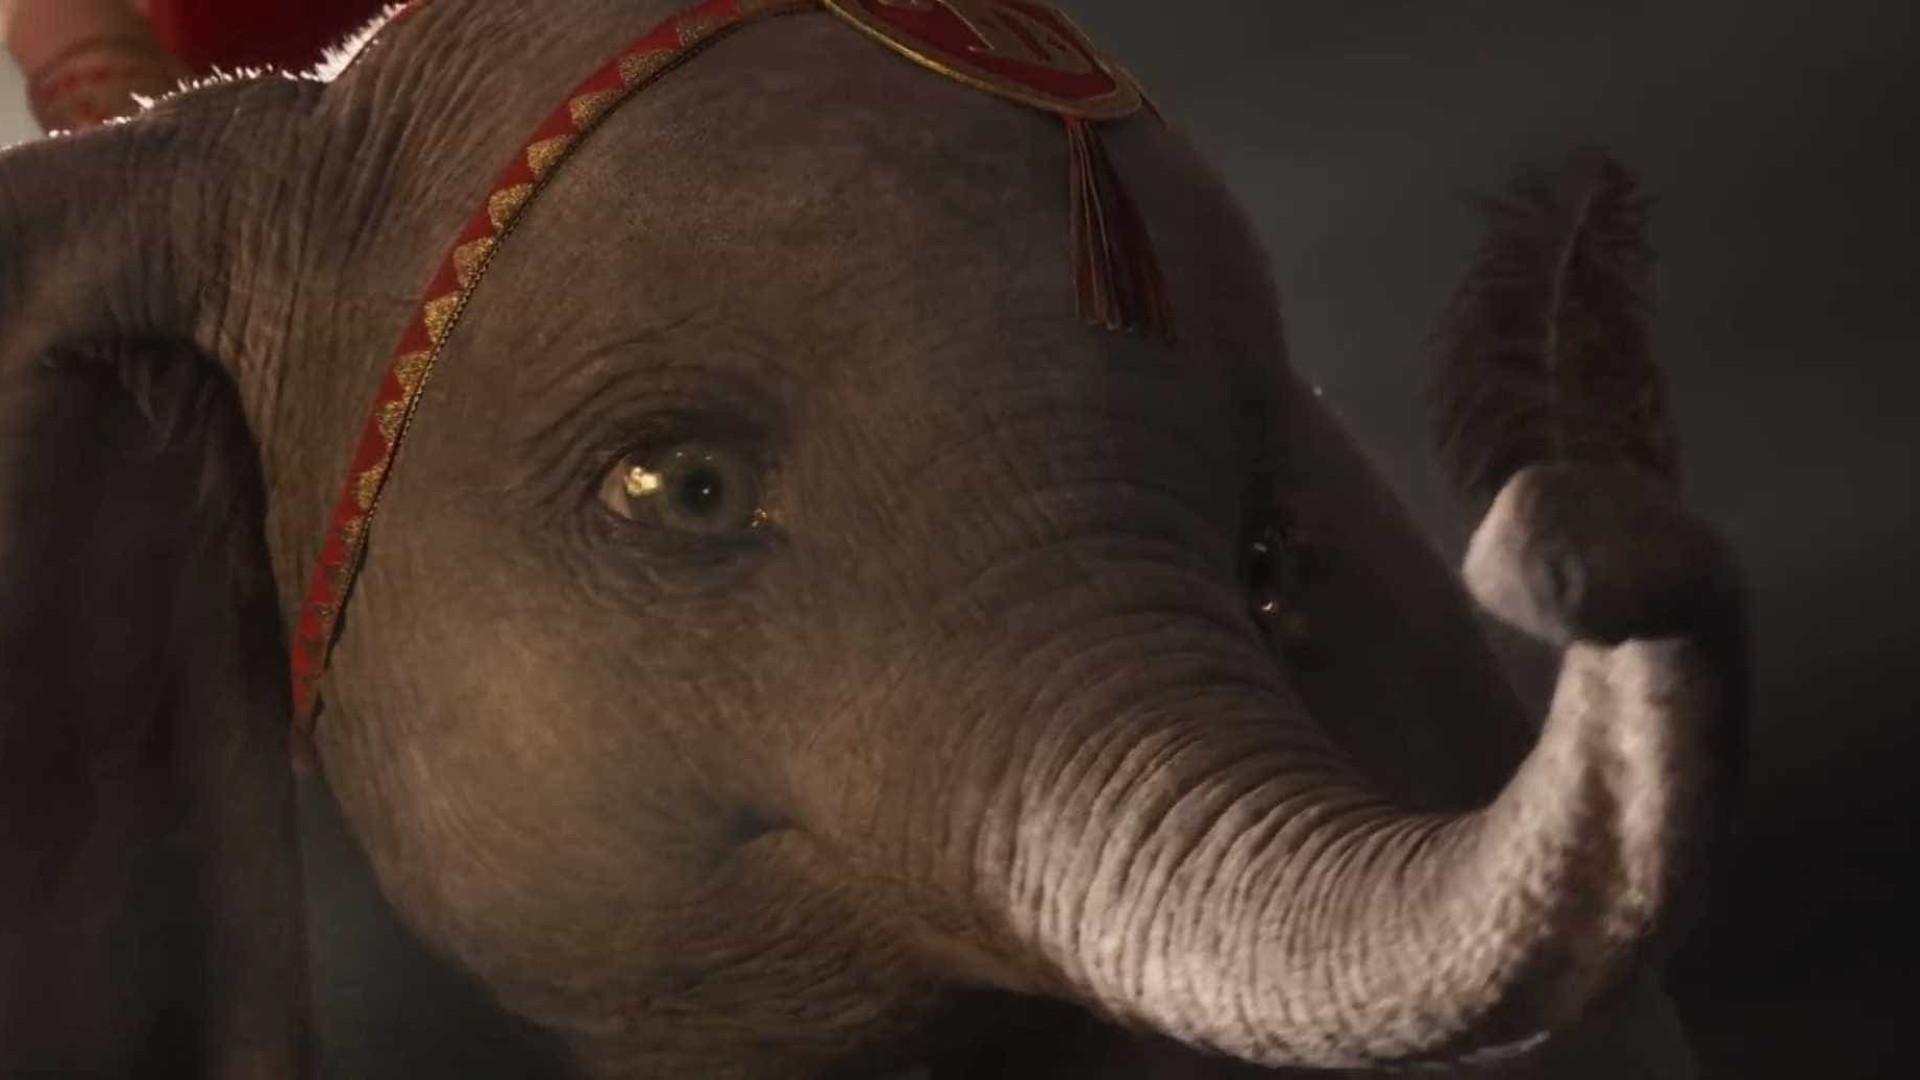 Novo 'Dumbo' difere do original e consolida nova fase da Disney